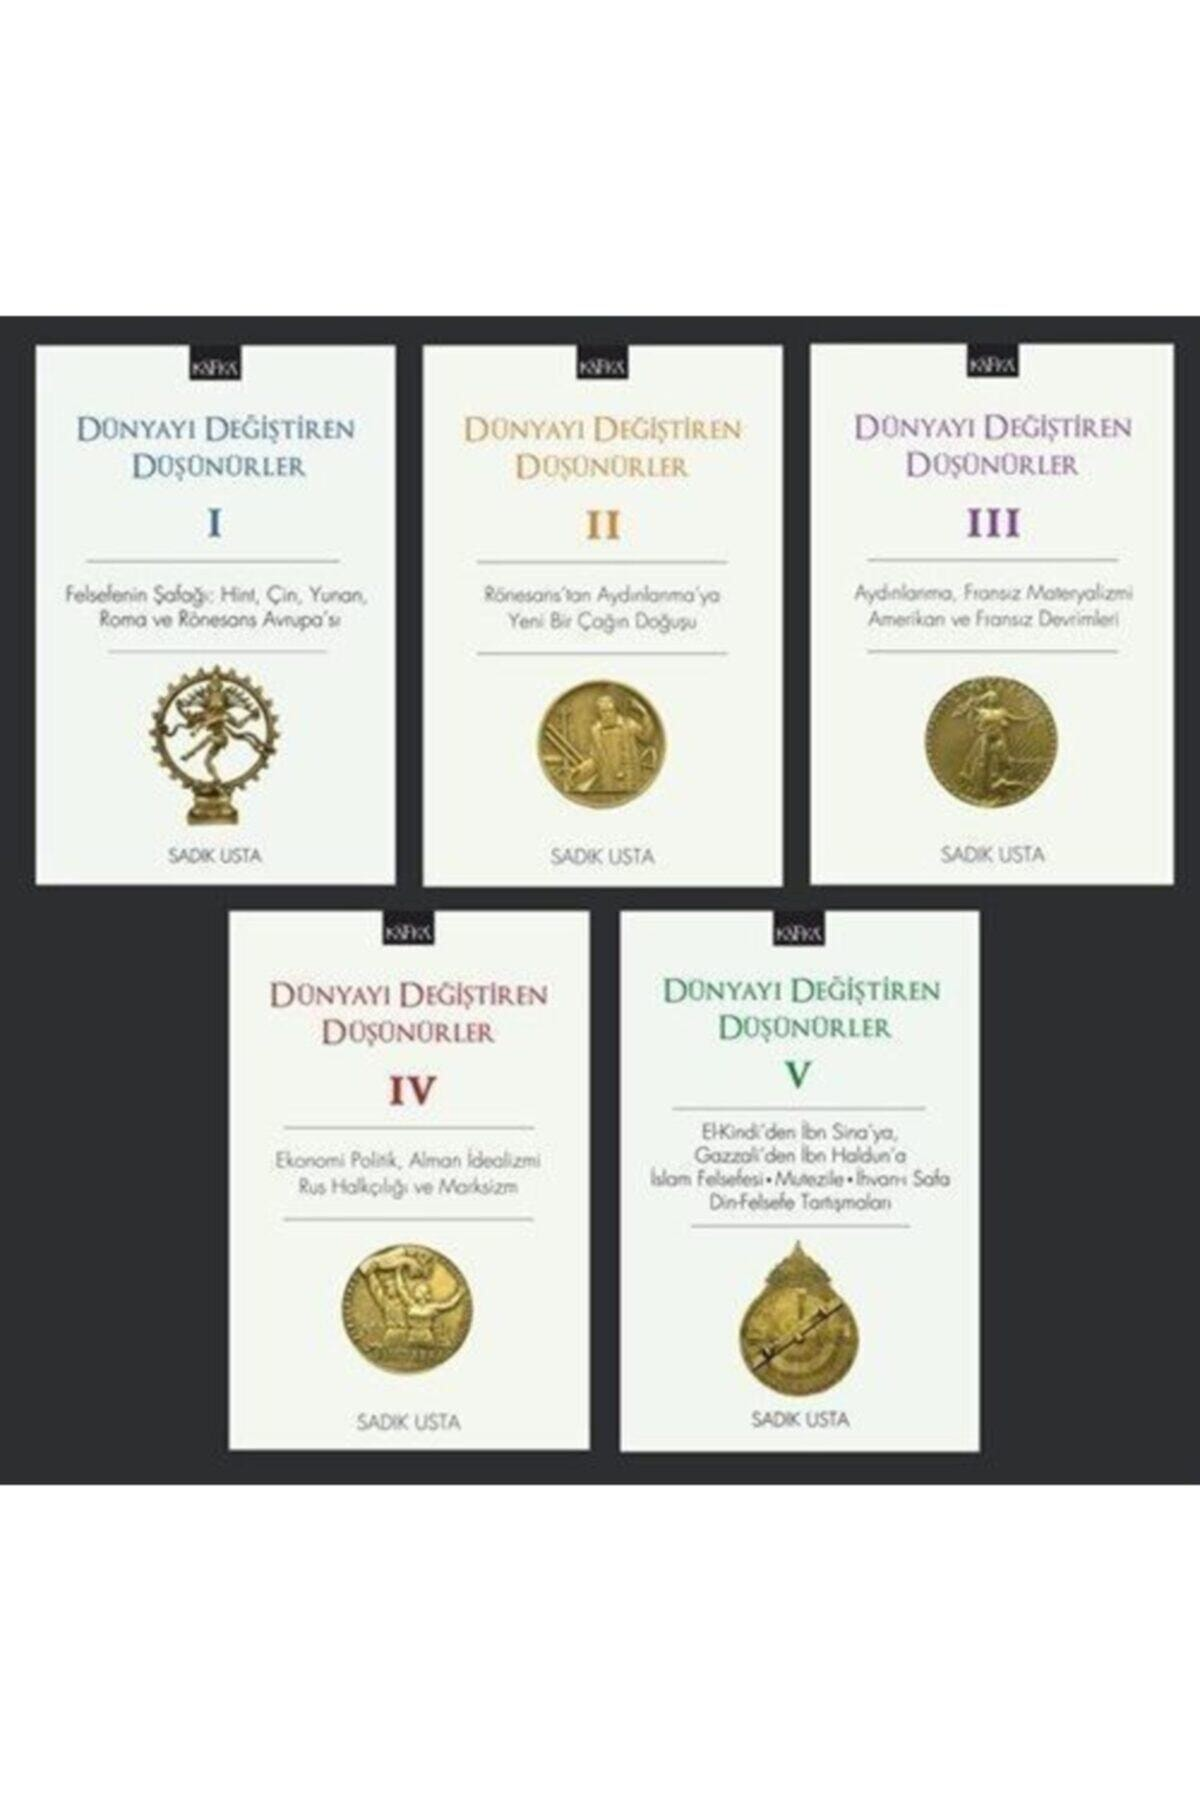 Kafka Yayınevi Dünyayı Değiştiren Düşünürler Seti (5 Kitap) 1